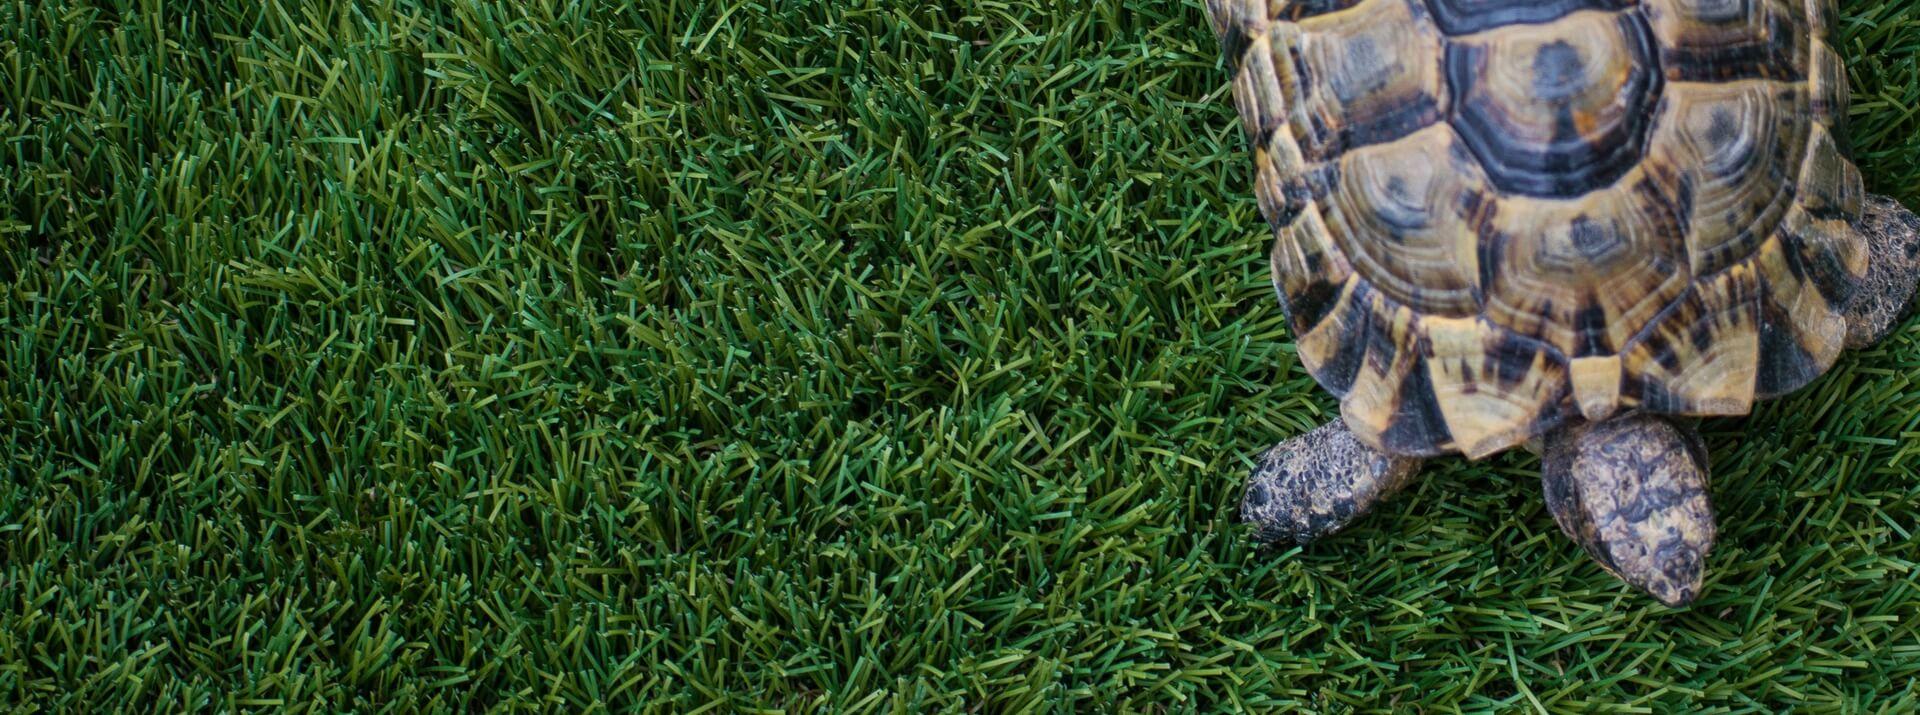 Alimentation des reptiles